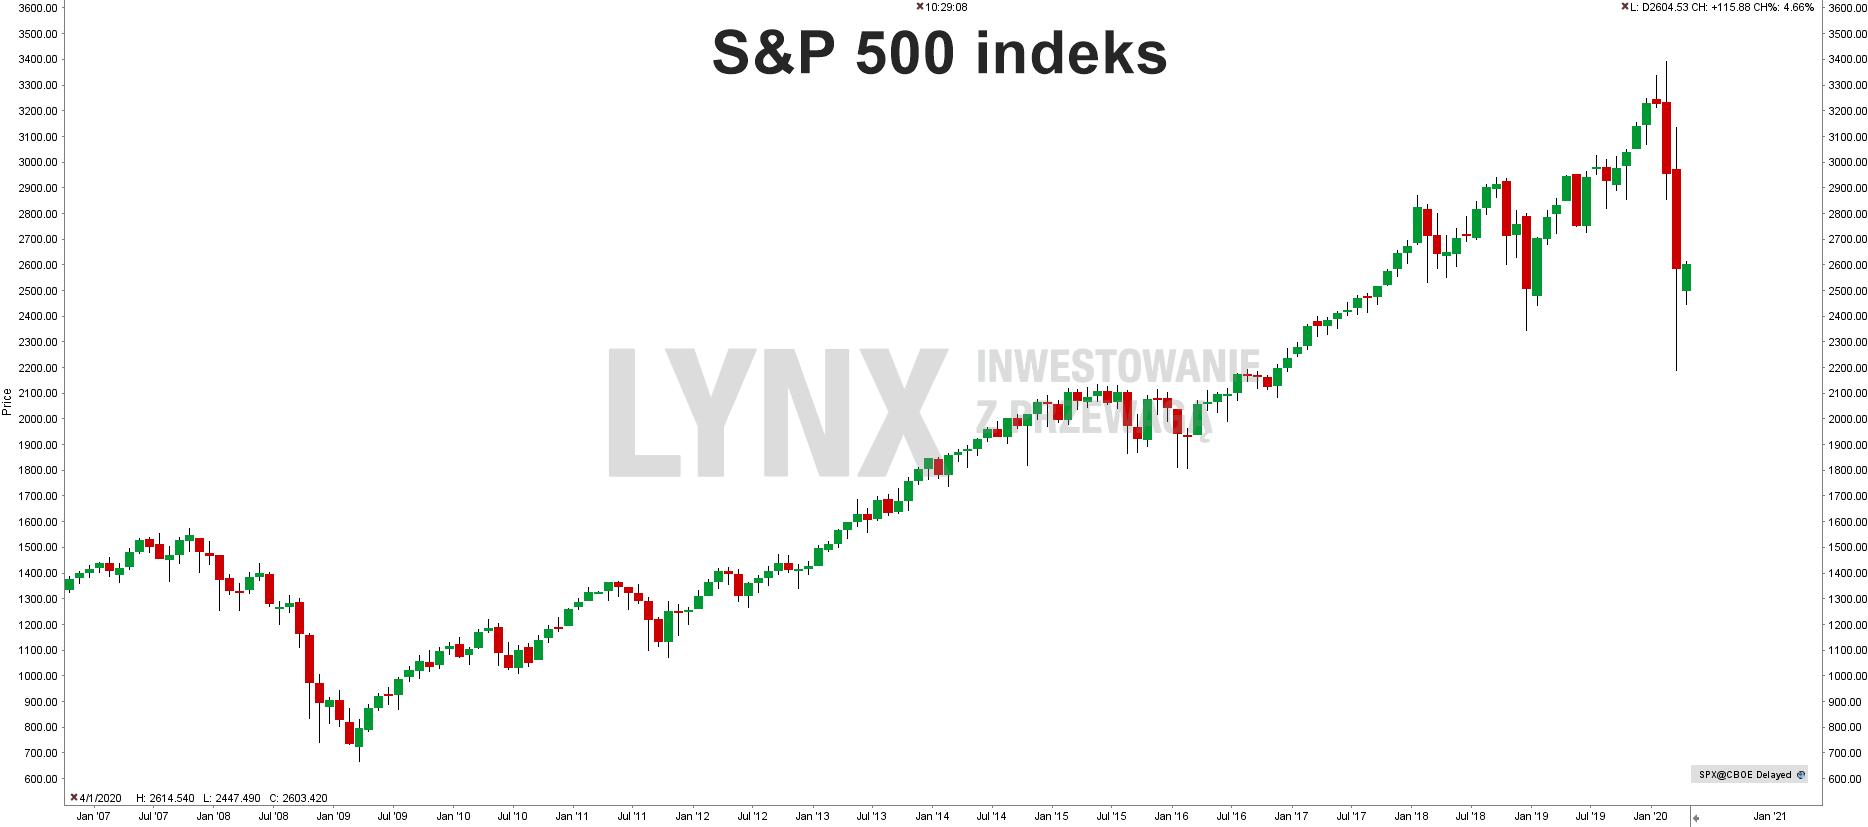 Historyczny wykres indeksu S&P 500